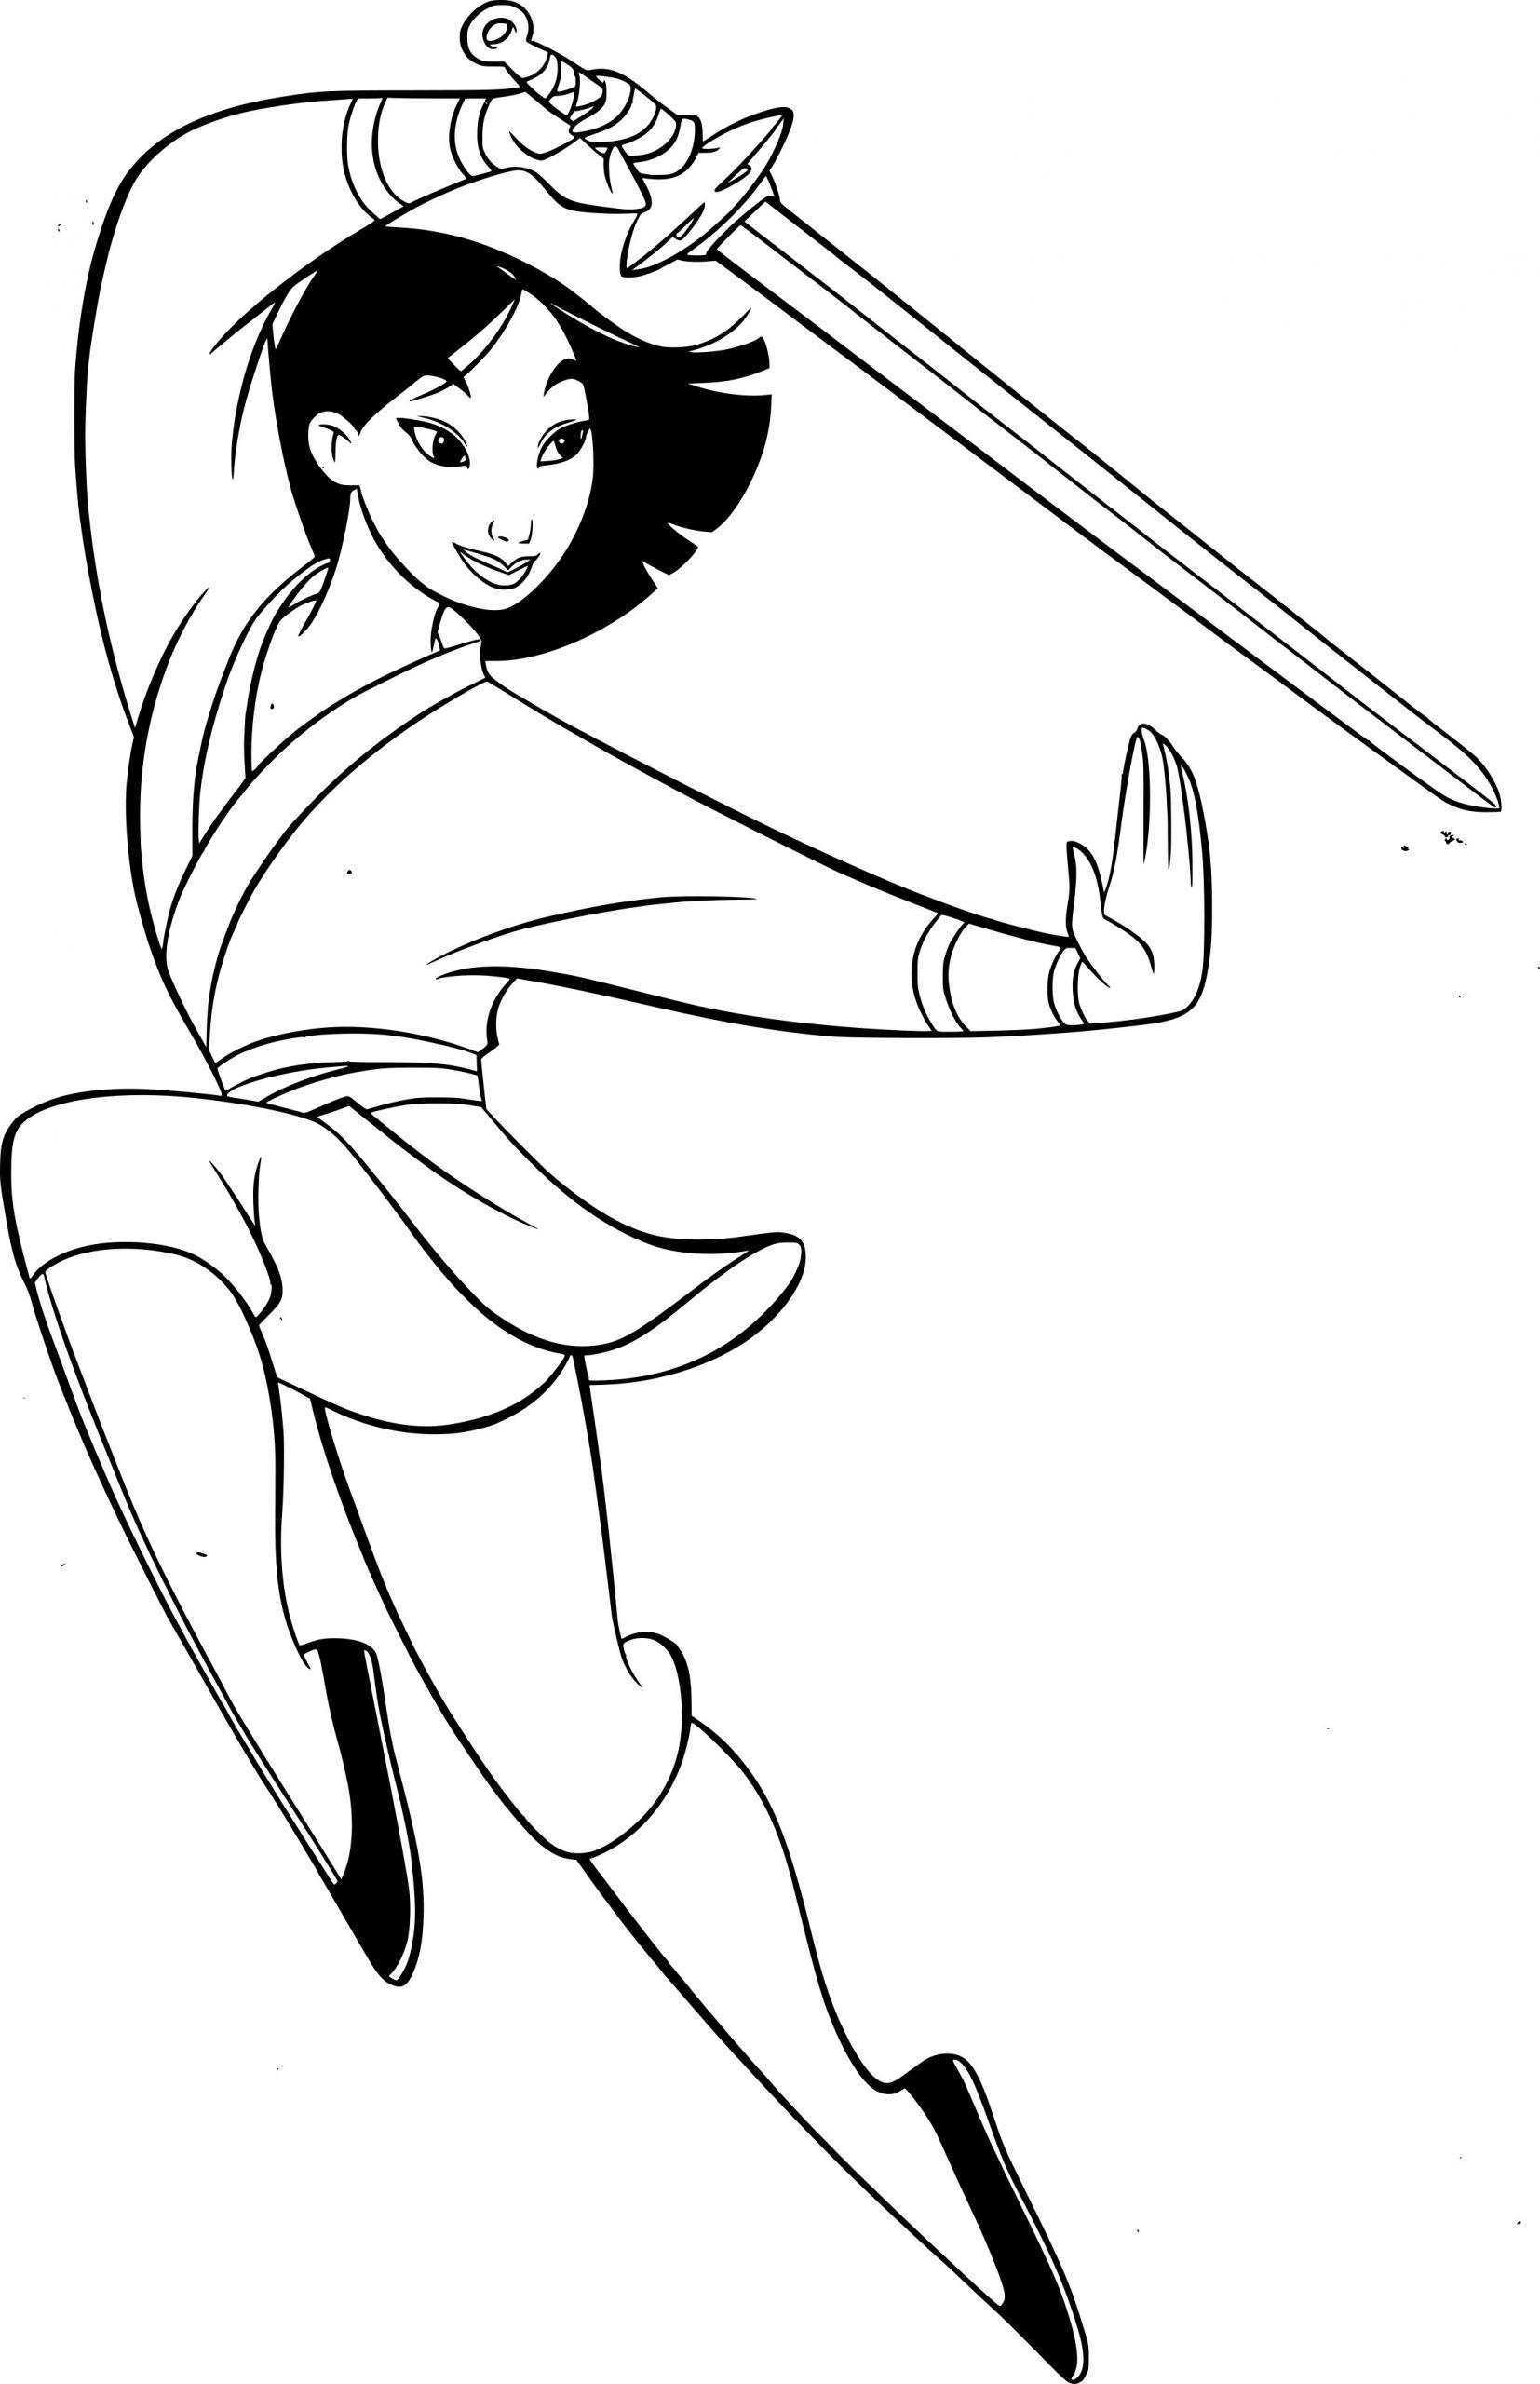 Coloriage Mulan Avec Une Épée À Imprimer Sur Coloriages encequiconcerne Coloriage D Épée